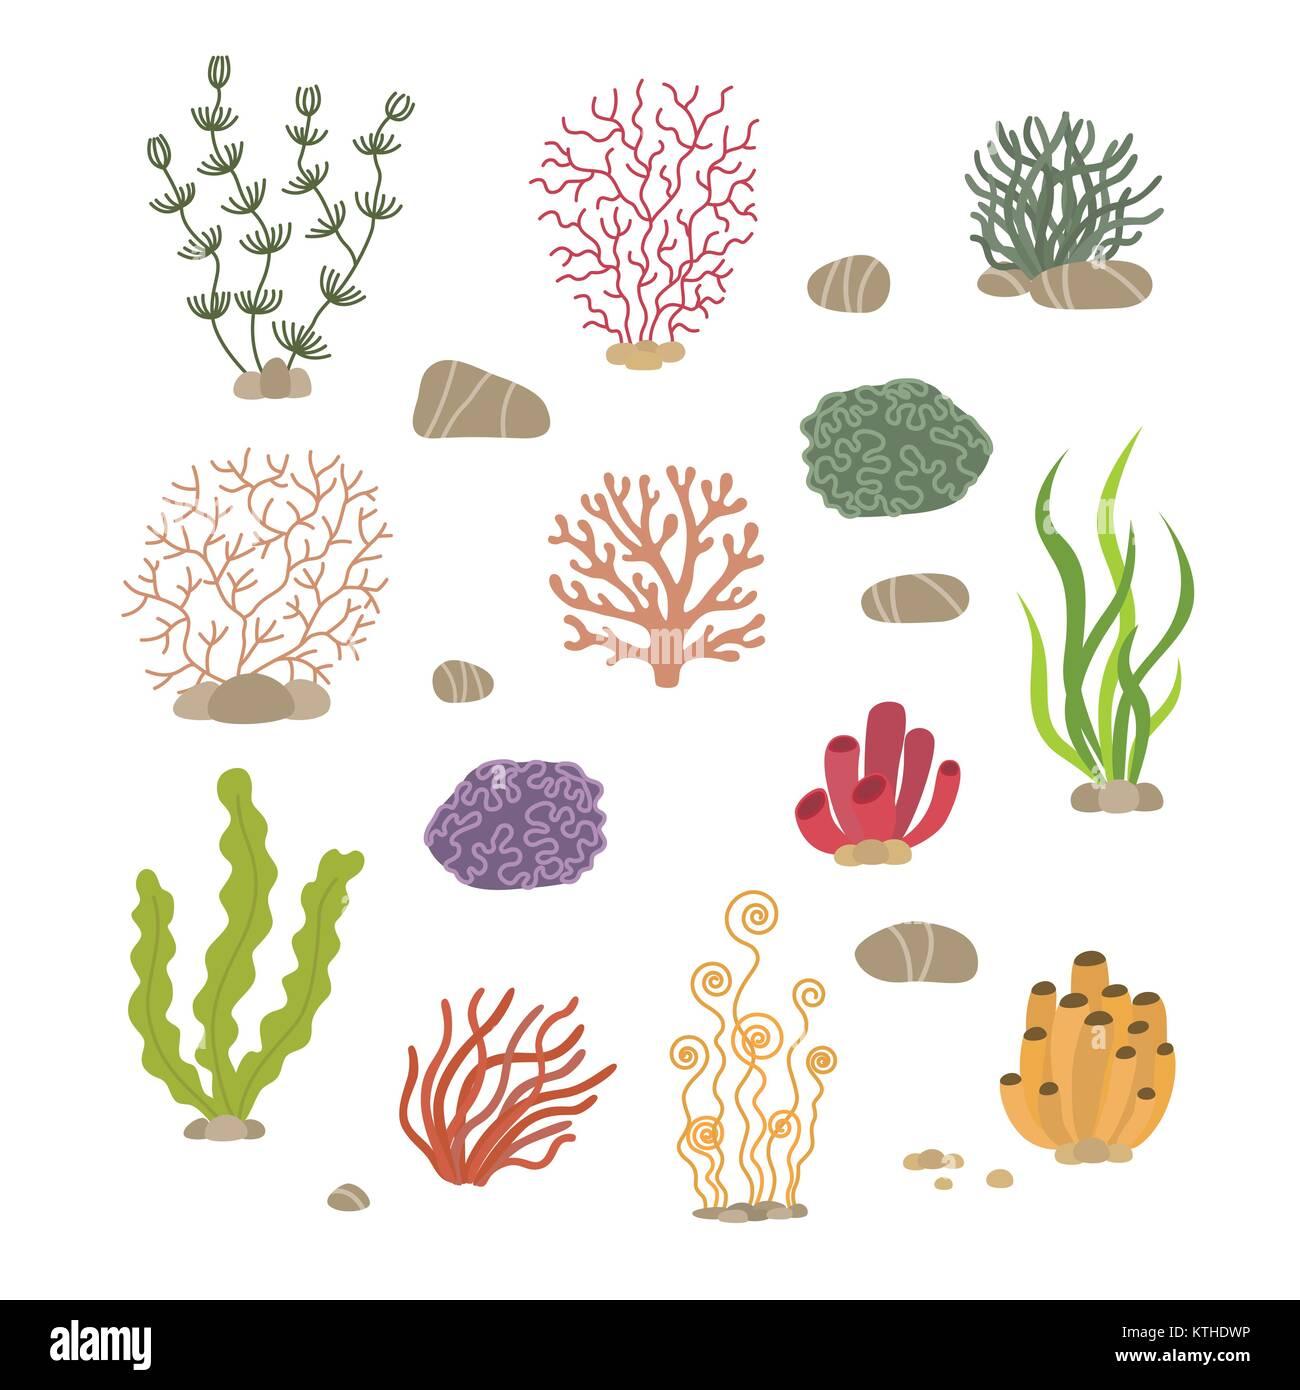 Le Alghe Coralli E Pietre Subacquea Piante Naturali Isolati